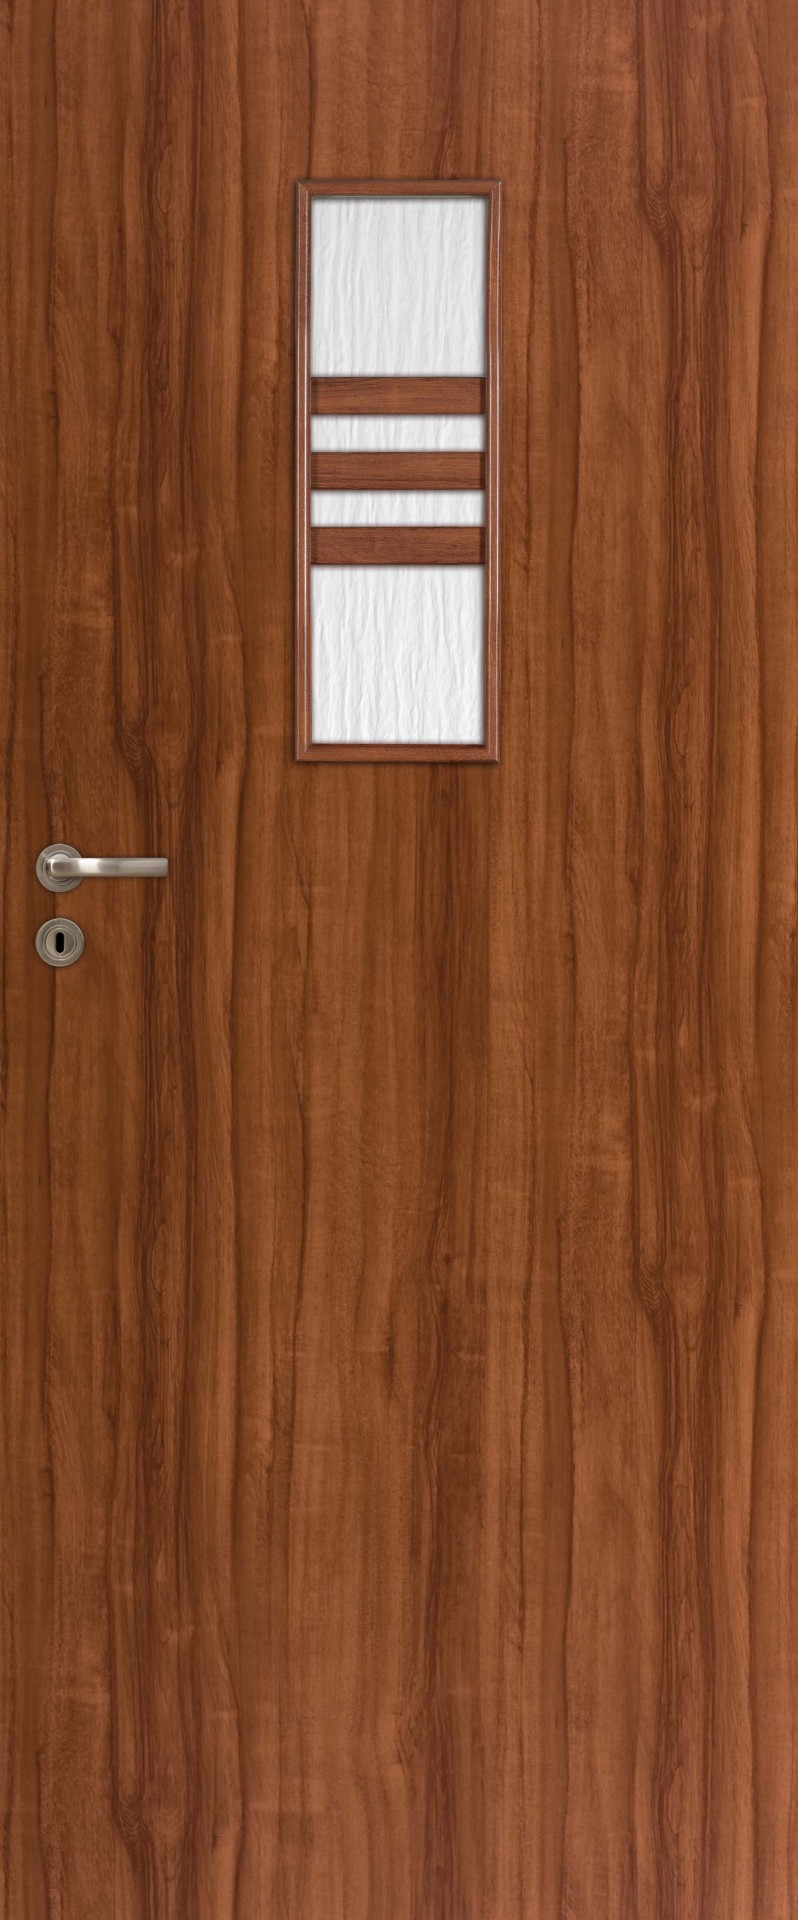 Dre dveře Arte 80, Šíře v cm 90